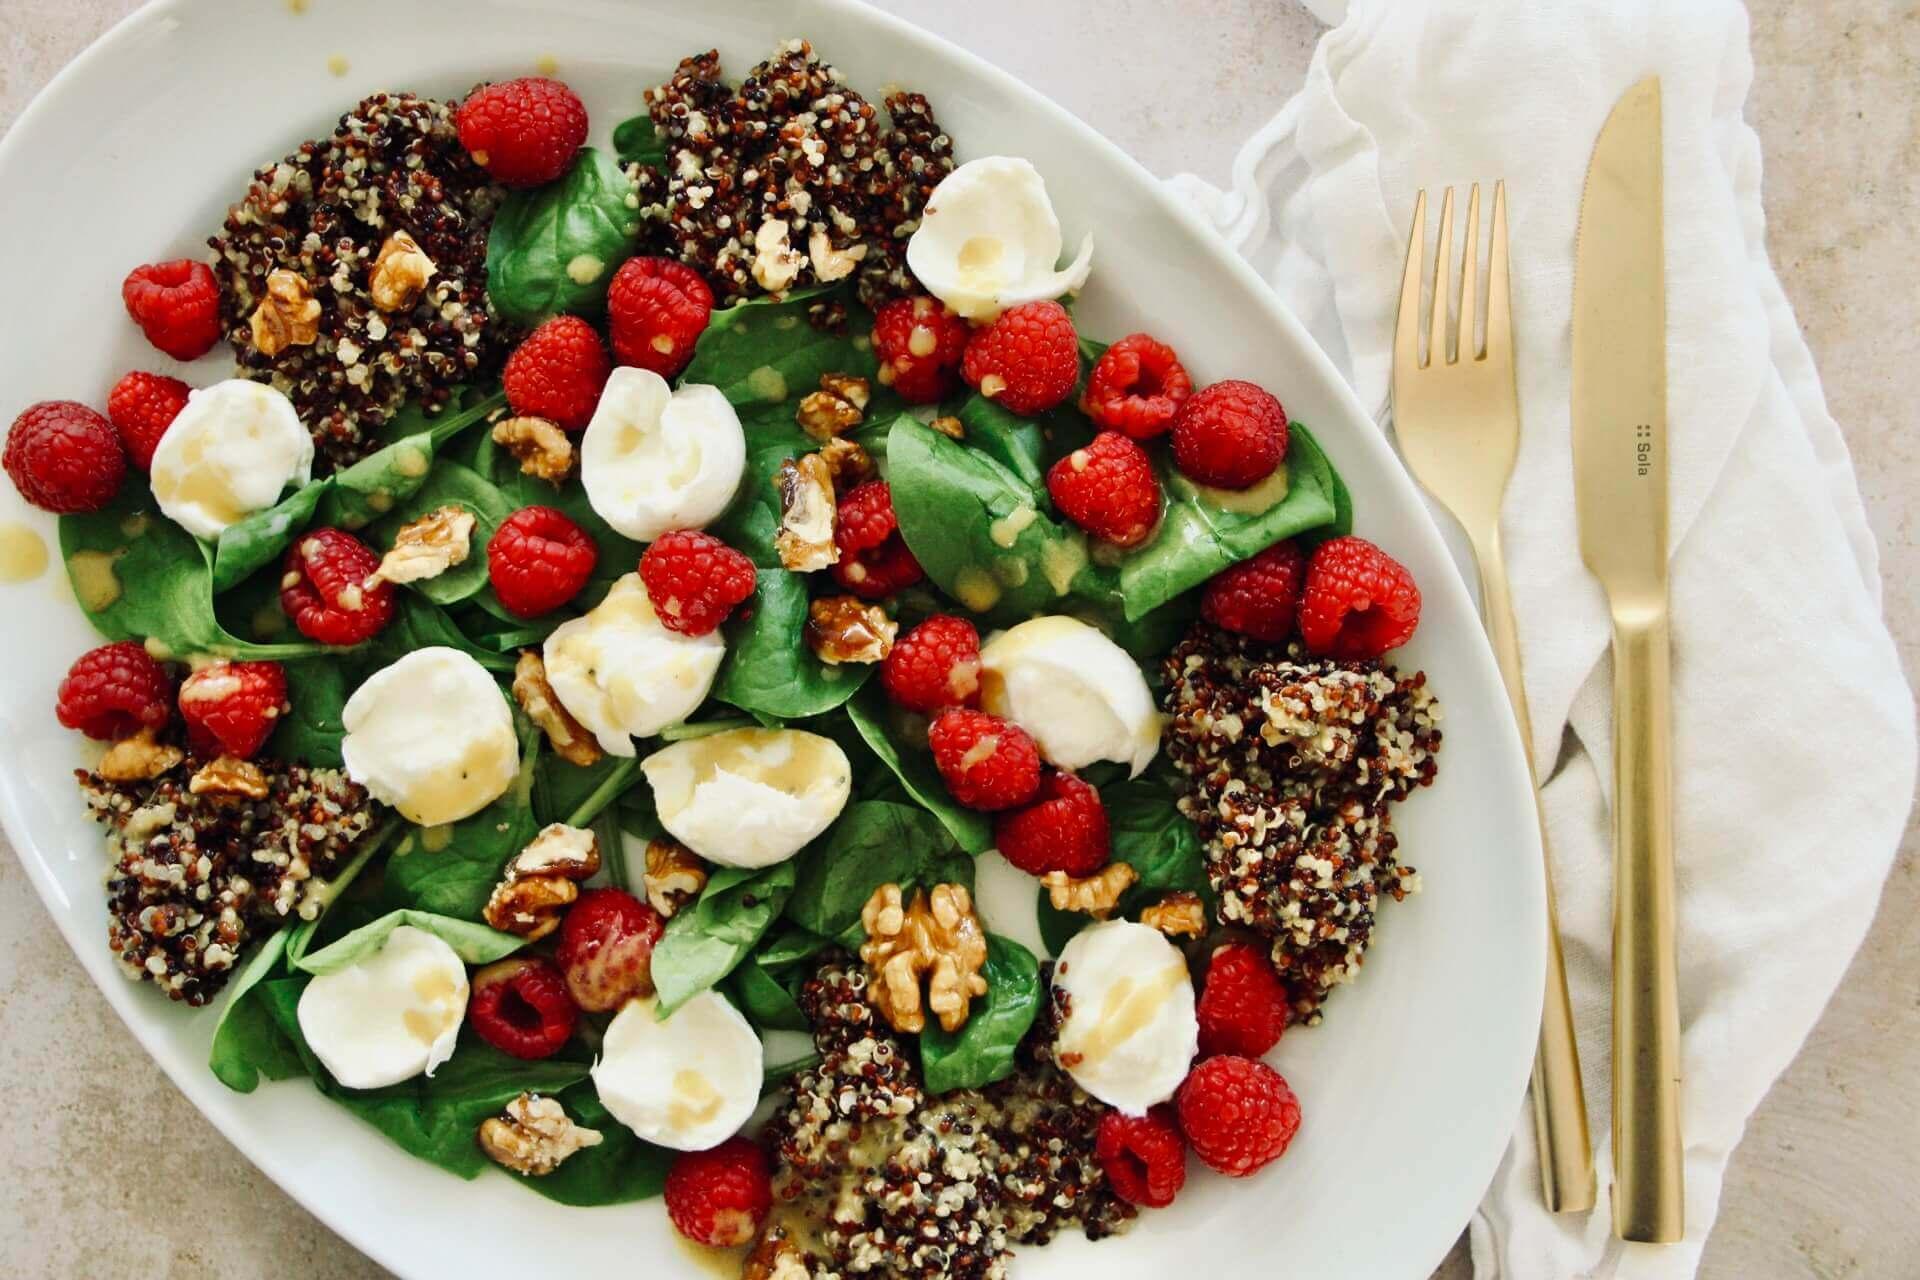 Bild von schön angerichtetem Spinat Himbeer Salat bei AYA Farmery